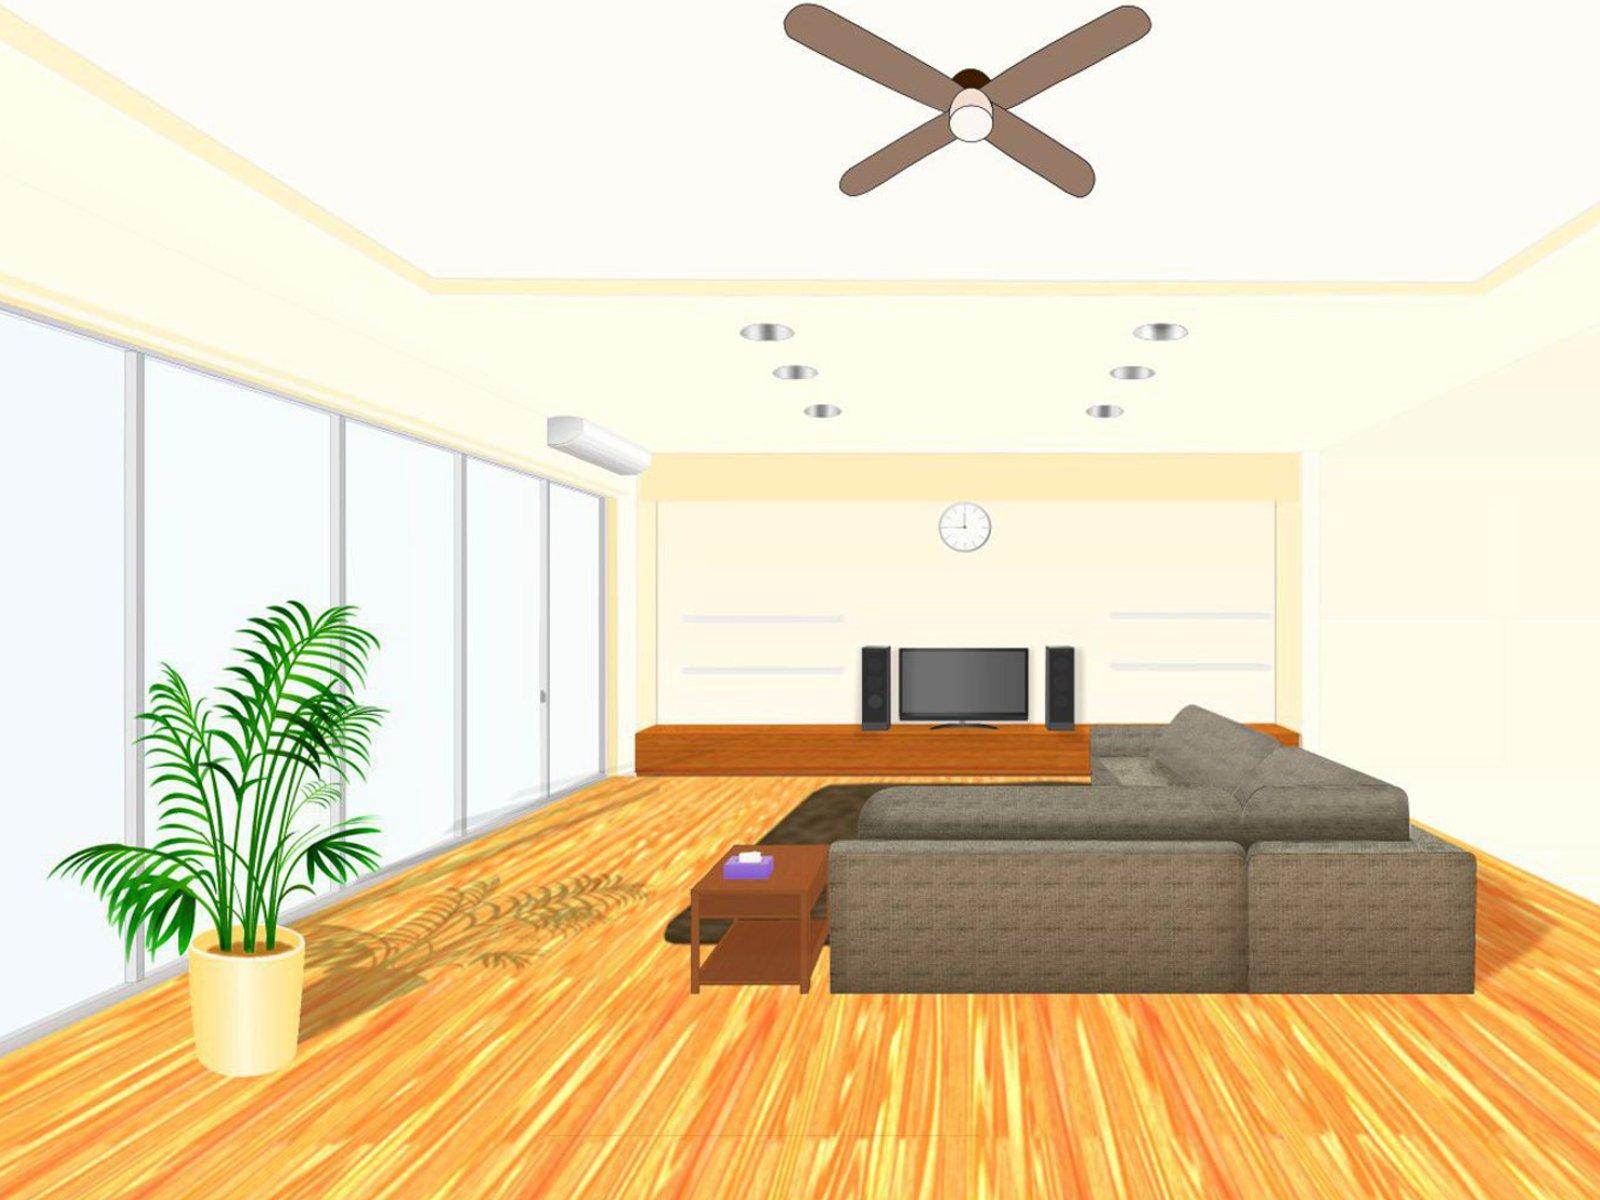 運動が快適にできる広い部屋